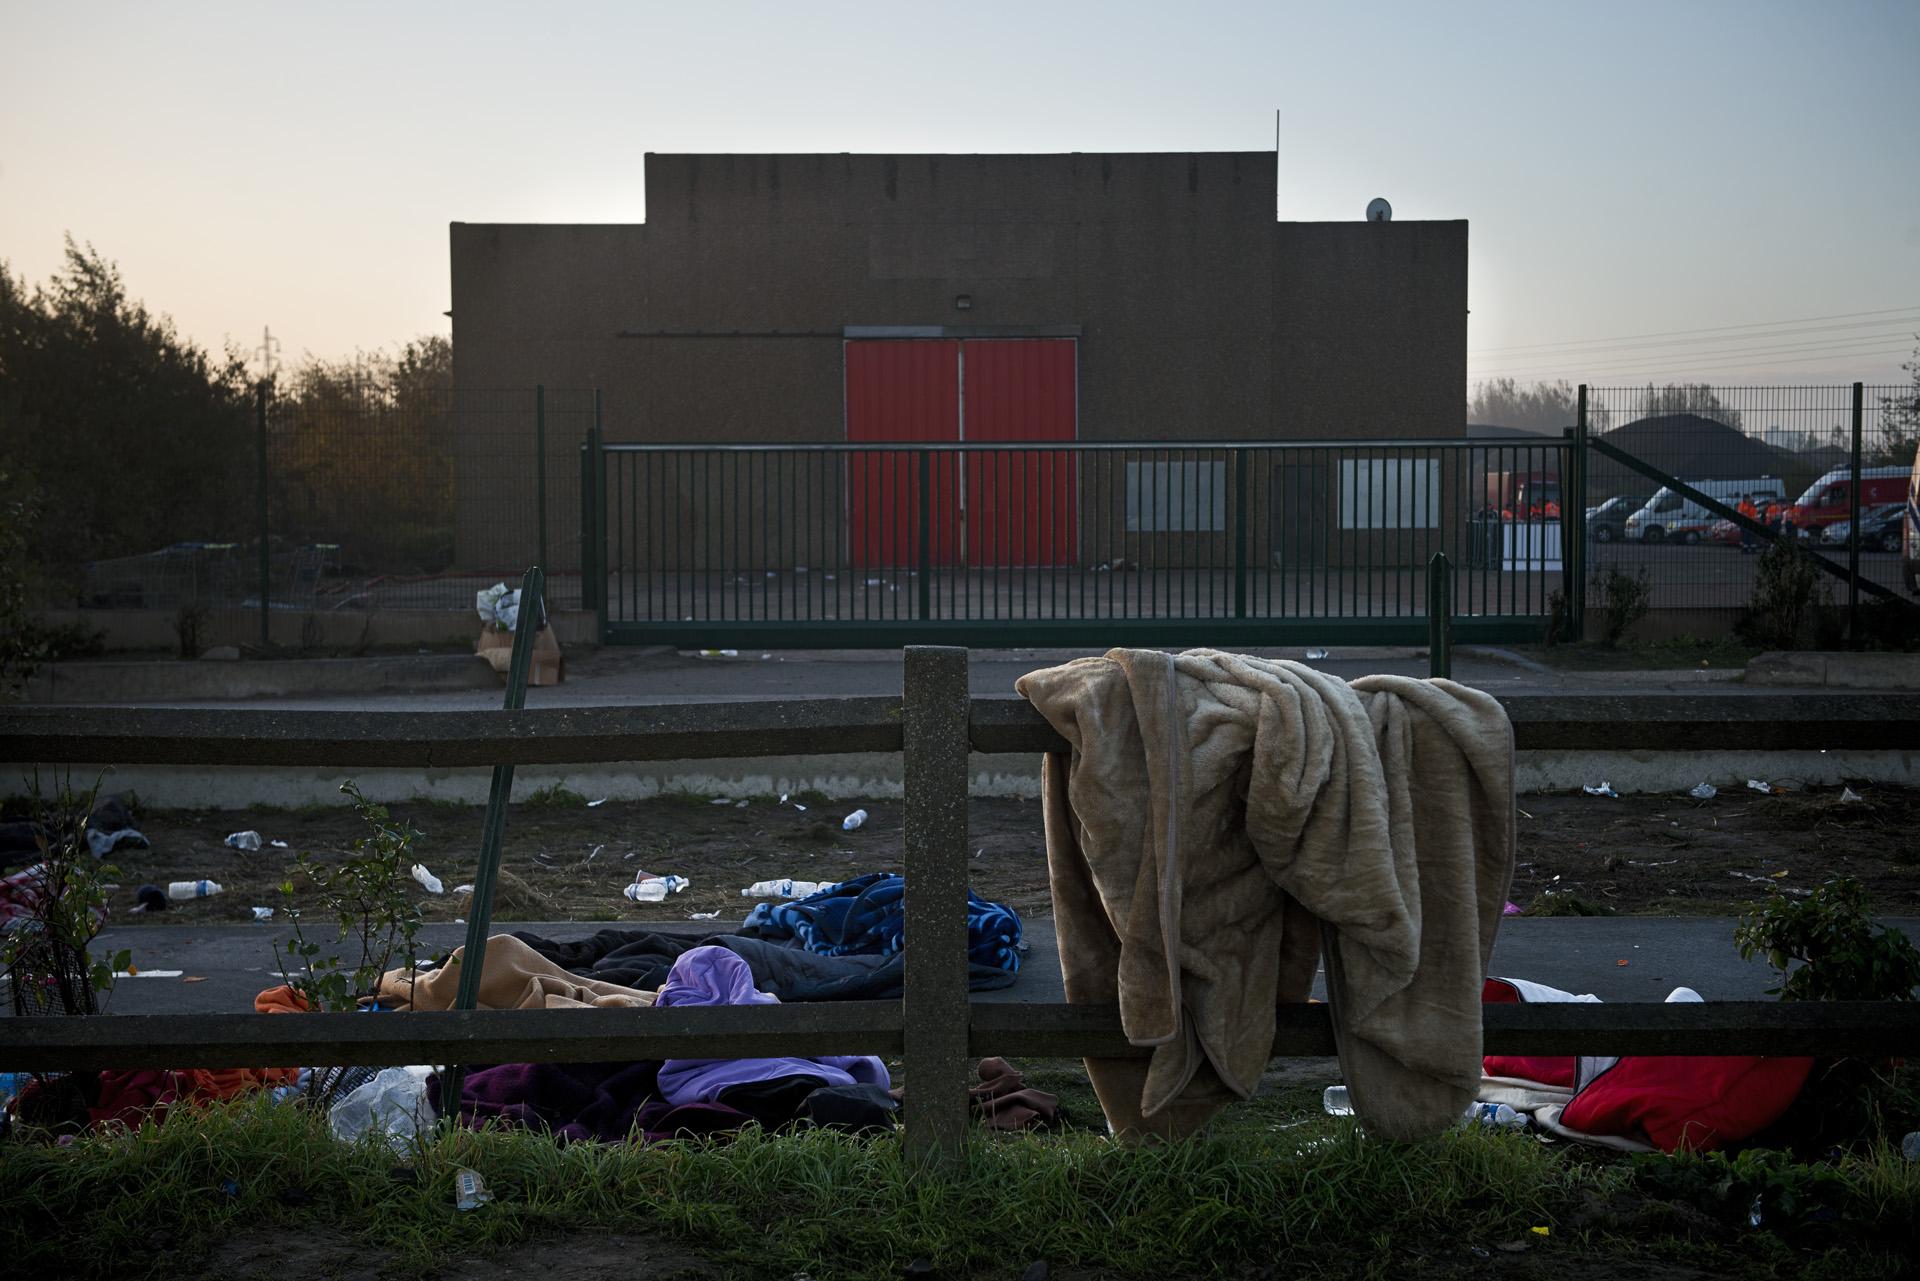 Calais, jeudi 27 octobre 2016. Le sas de répartition a fermé ses portes et est redevenu le hangar désaffecté qu'il était. Selon la préfecture, 5 596 réfugiés ont été « mis à l'abri » ; 4 500 ont été transportés dans les bus et répartis dans les différents CAO, 237 mineurs ont pu partir pour l'Angleterre, 1 500 autres ont rejoint les conteneurs du centre d'accueil provisoire en attendant d'être fixés sur leur sort. « La jungle, c'est fini ! », martèle depuis la veille la préfète Fabienne Buccio. Pourtant, dans la nuit de mercredi à jeudi, une centaine de personnes dorment devant le sas, sur le sol glacé, en espérant un hypothétique bus. Devant l'entrée du camp de containeurs fermé pour cause trop plein, ce sont des dizaines de mineurs enroulés dans de simples couvertures qui passent la nuit.